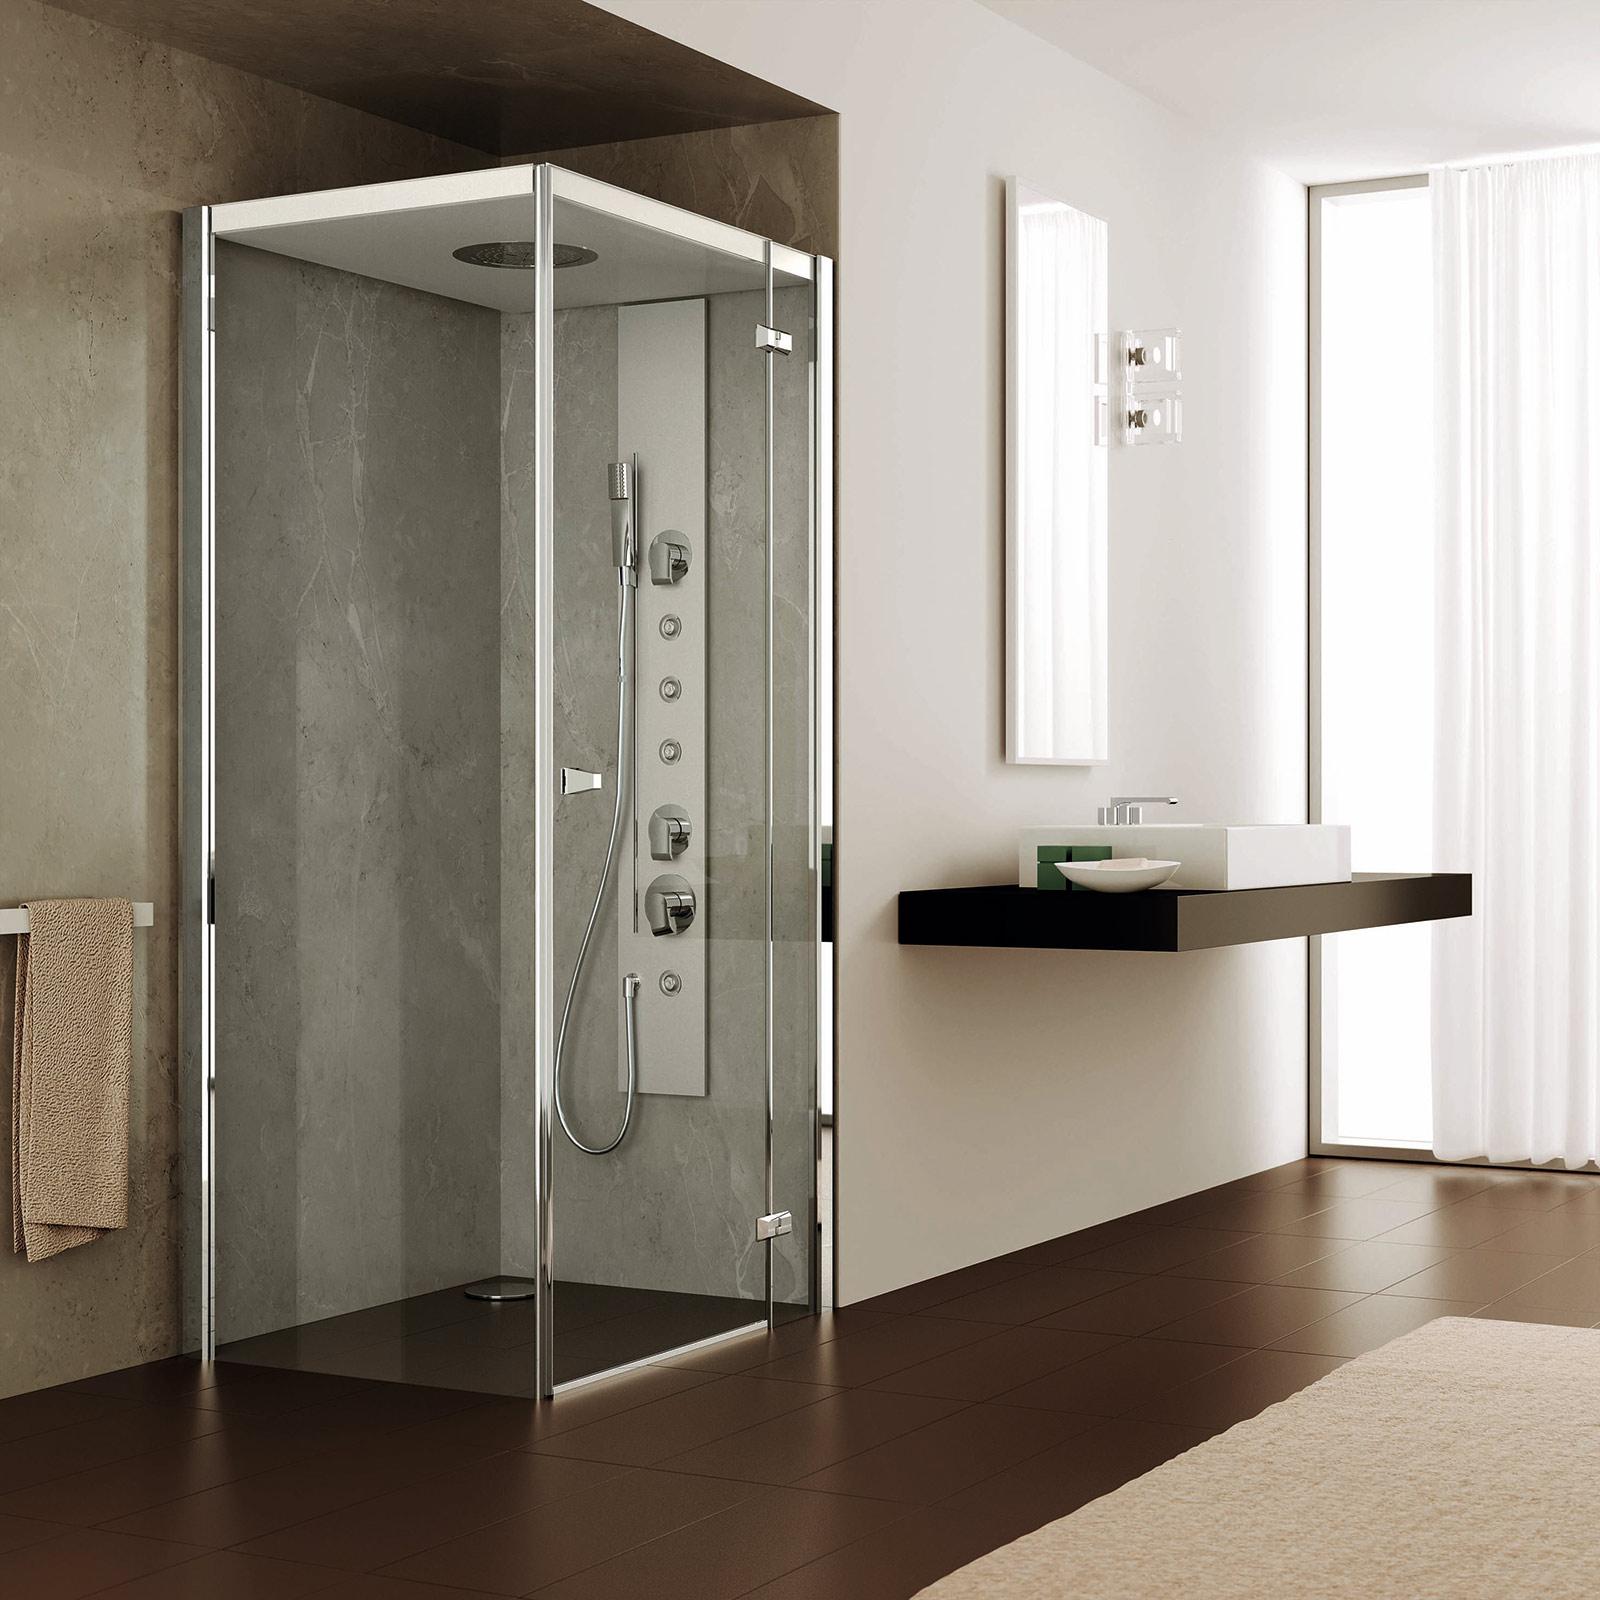 Come costruire un bagno turco nella doccia internet italiano - Cabina doccia teuco prezzi ...